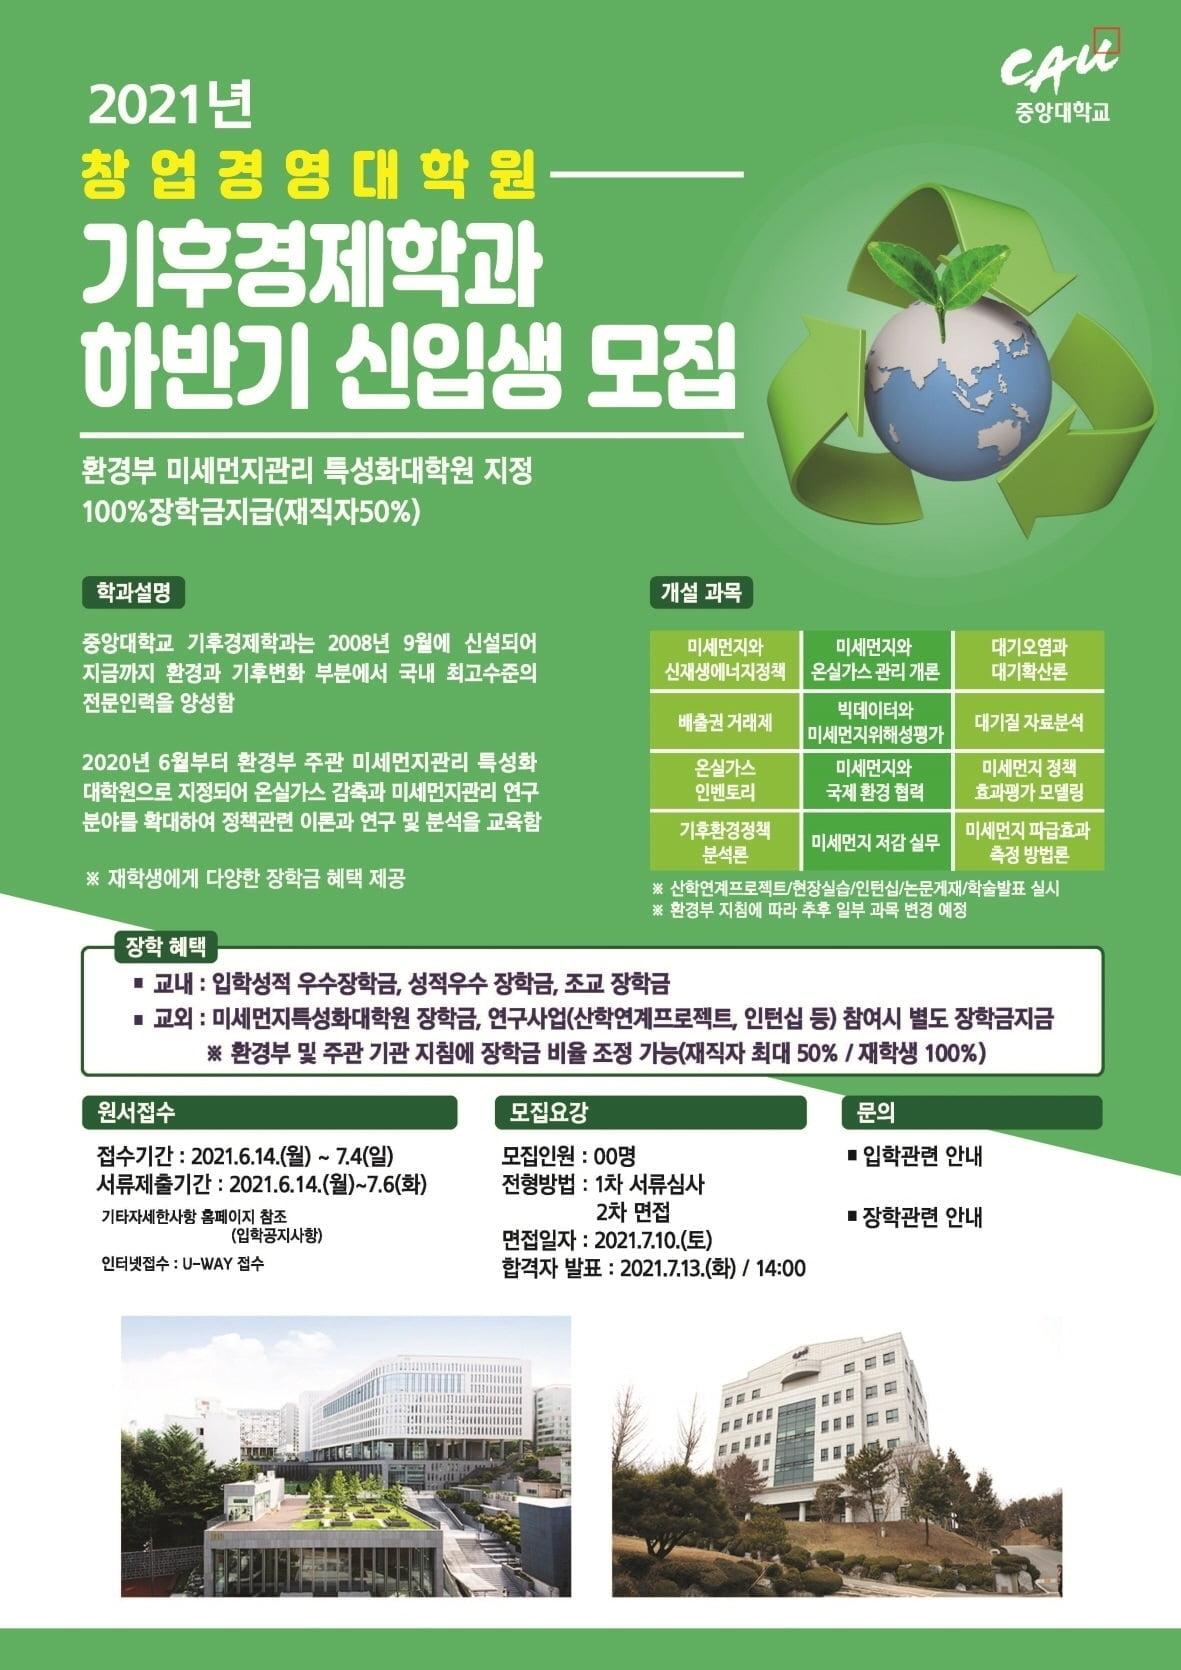 중앙대학교, 창업경영대학원 `기후경제학과` 하반기 신입생 모집